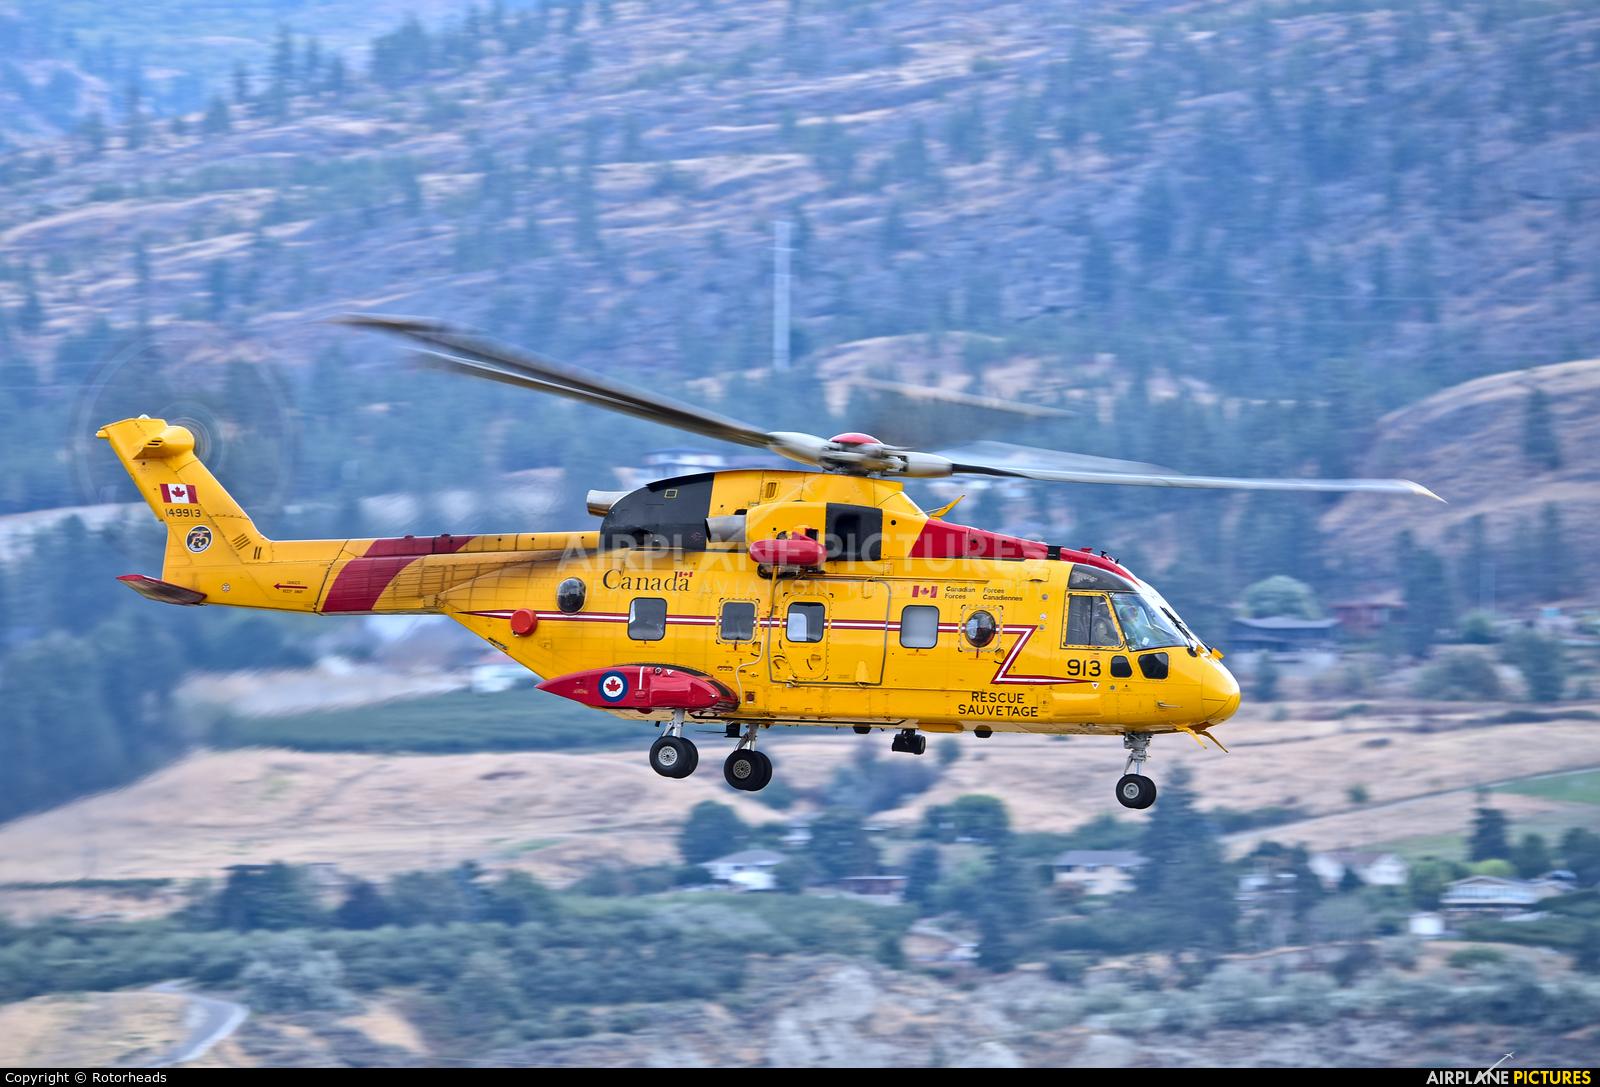 Canada - Air Force 149913 aircraft at Penticton Airport, BC